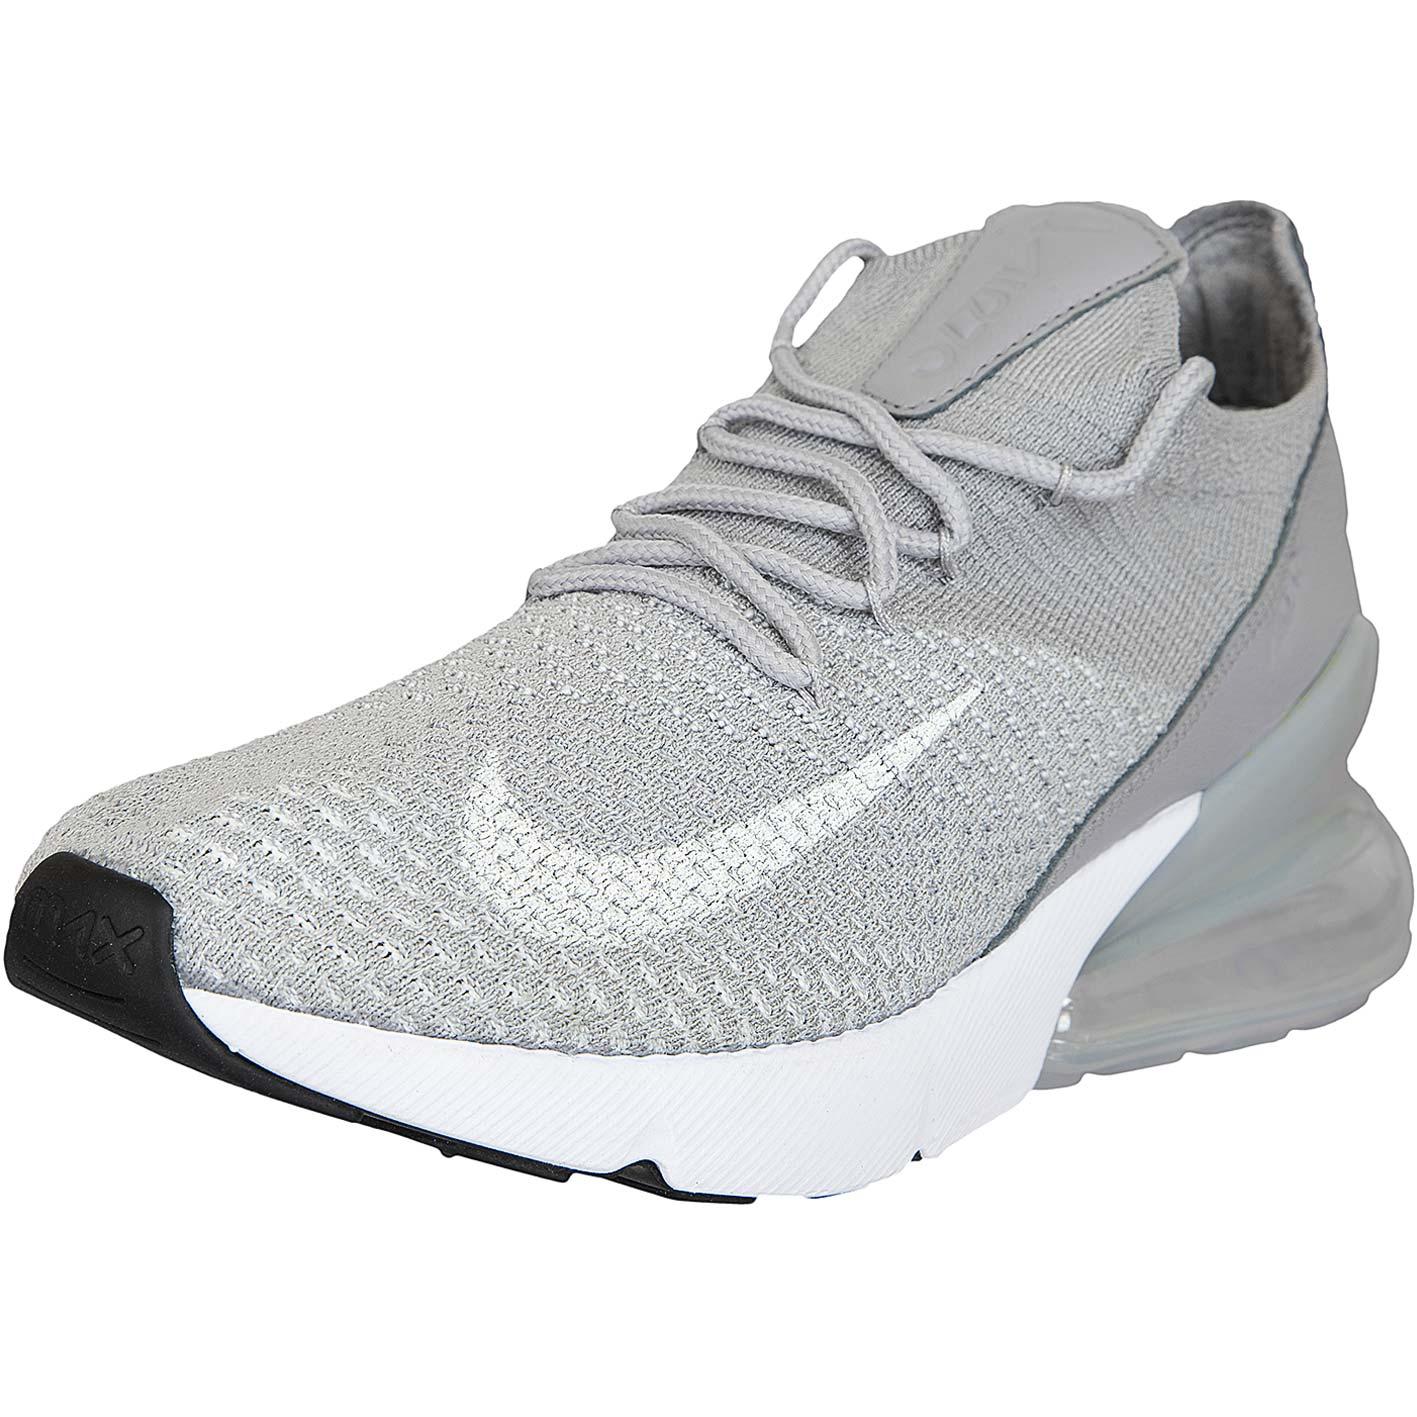 ☆ Nike Damen Sneaker Air Max 270 Flyknit grau/weiß - hier bestellen!